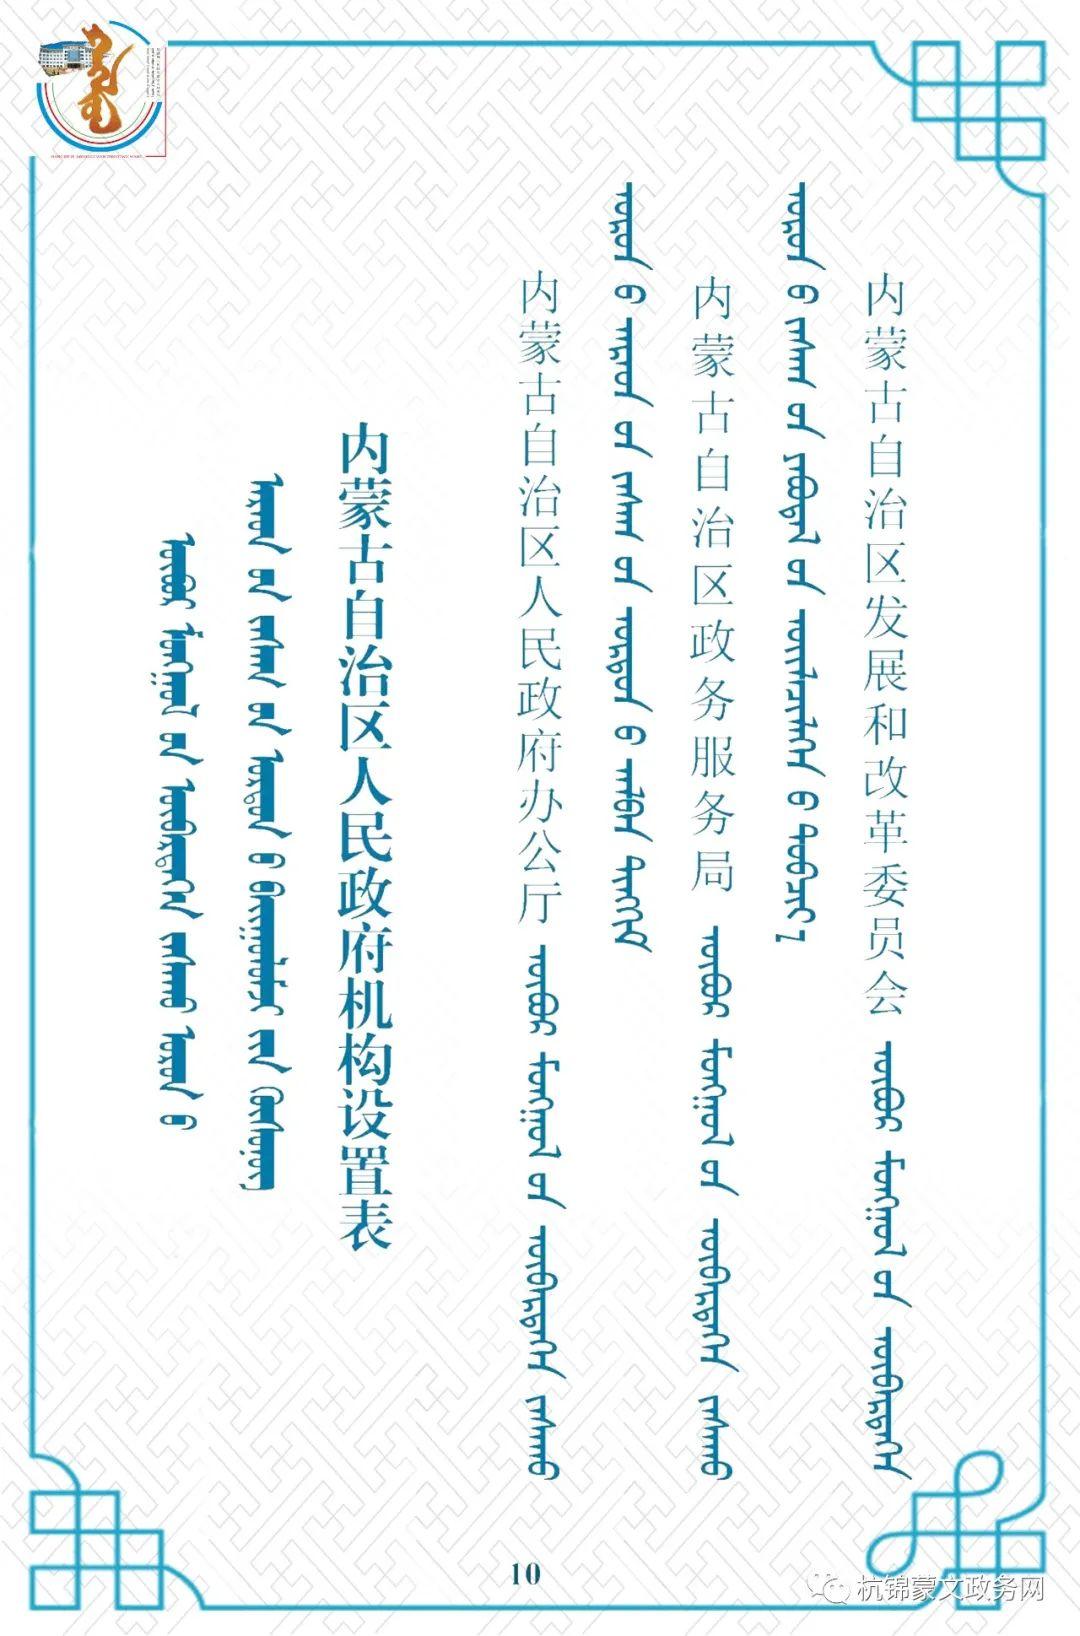 内蒙古自治区委员会机构设置蒙汉对照 第10张 内蒙古自治区委员会机构设置蒙汉对照 蒙古文库